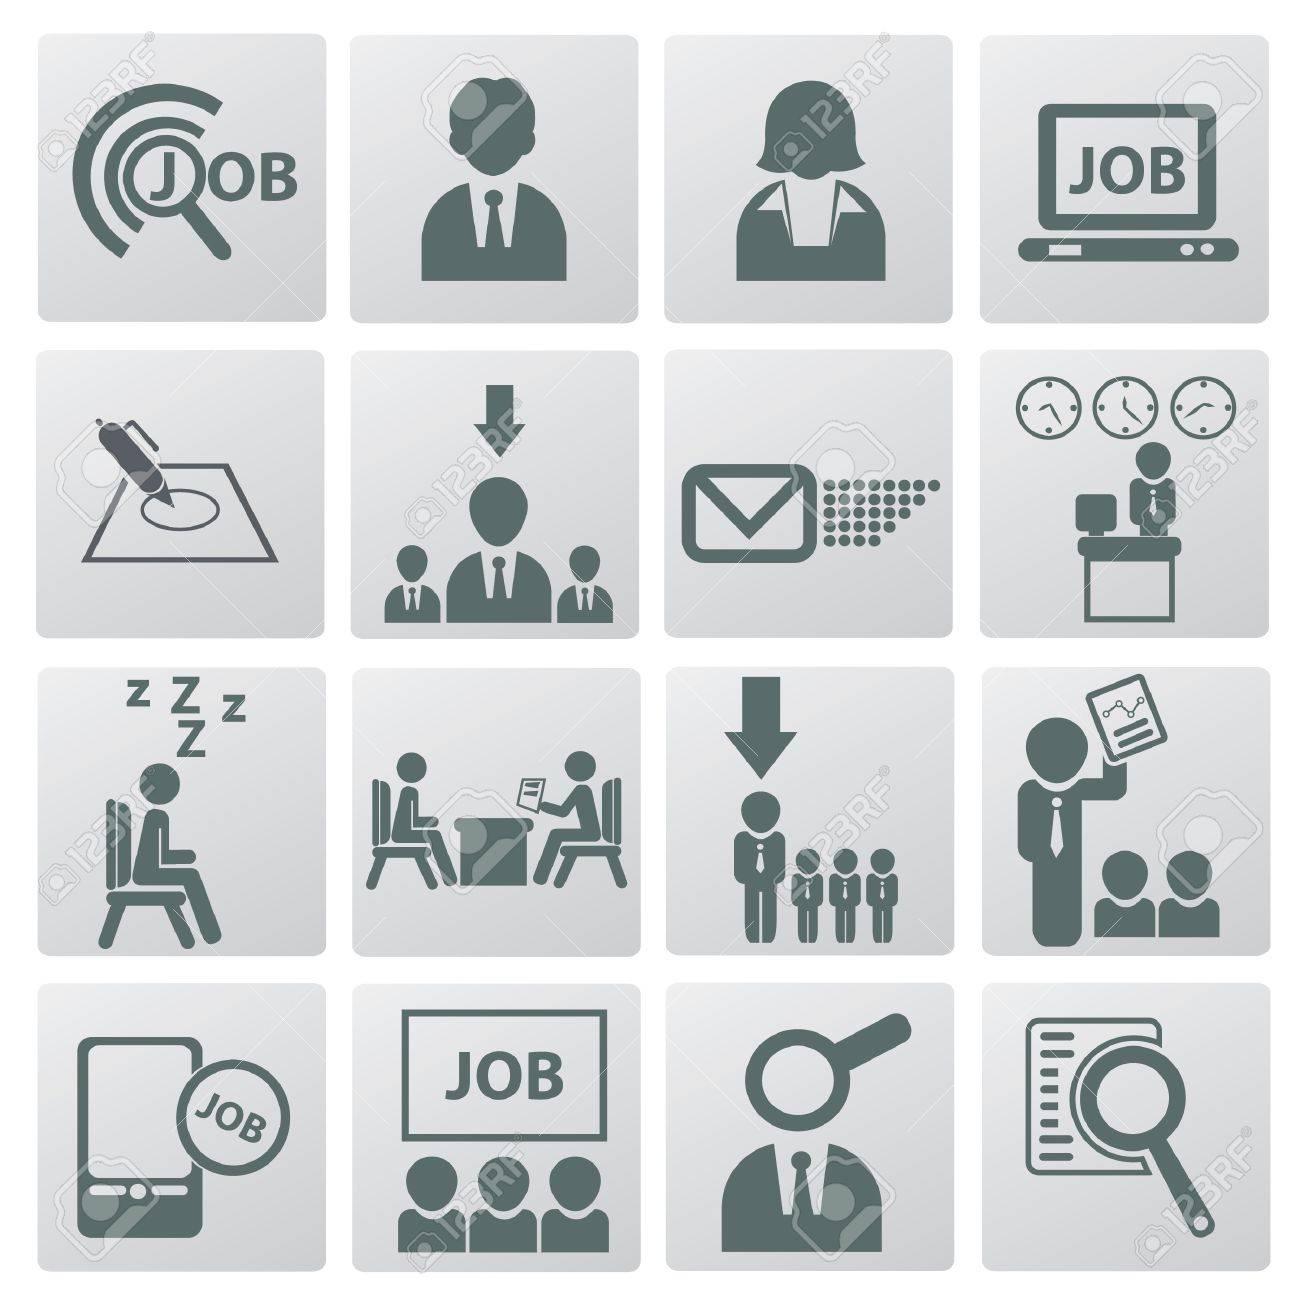 Jobs Und Beschäftigung Icon Set Lizenzfrei Nutzbare Vektorgrafiken ...